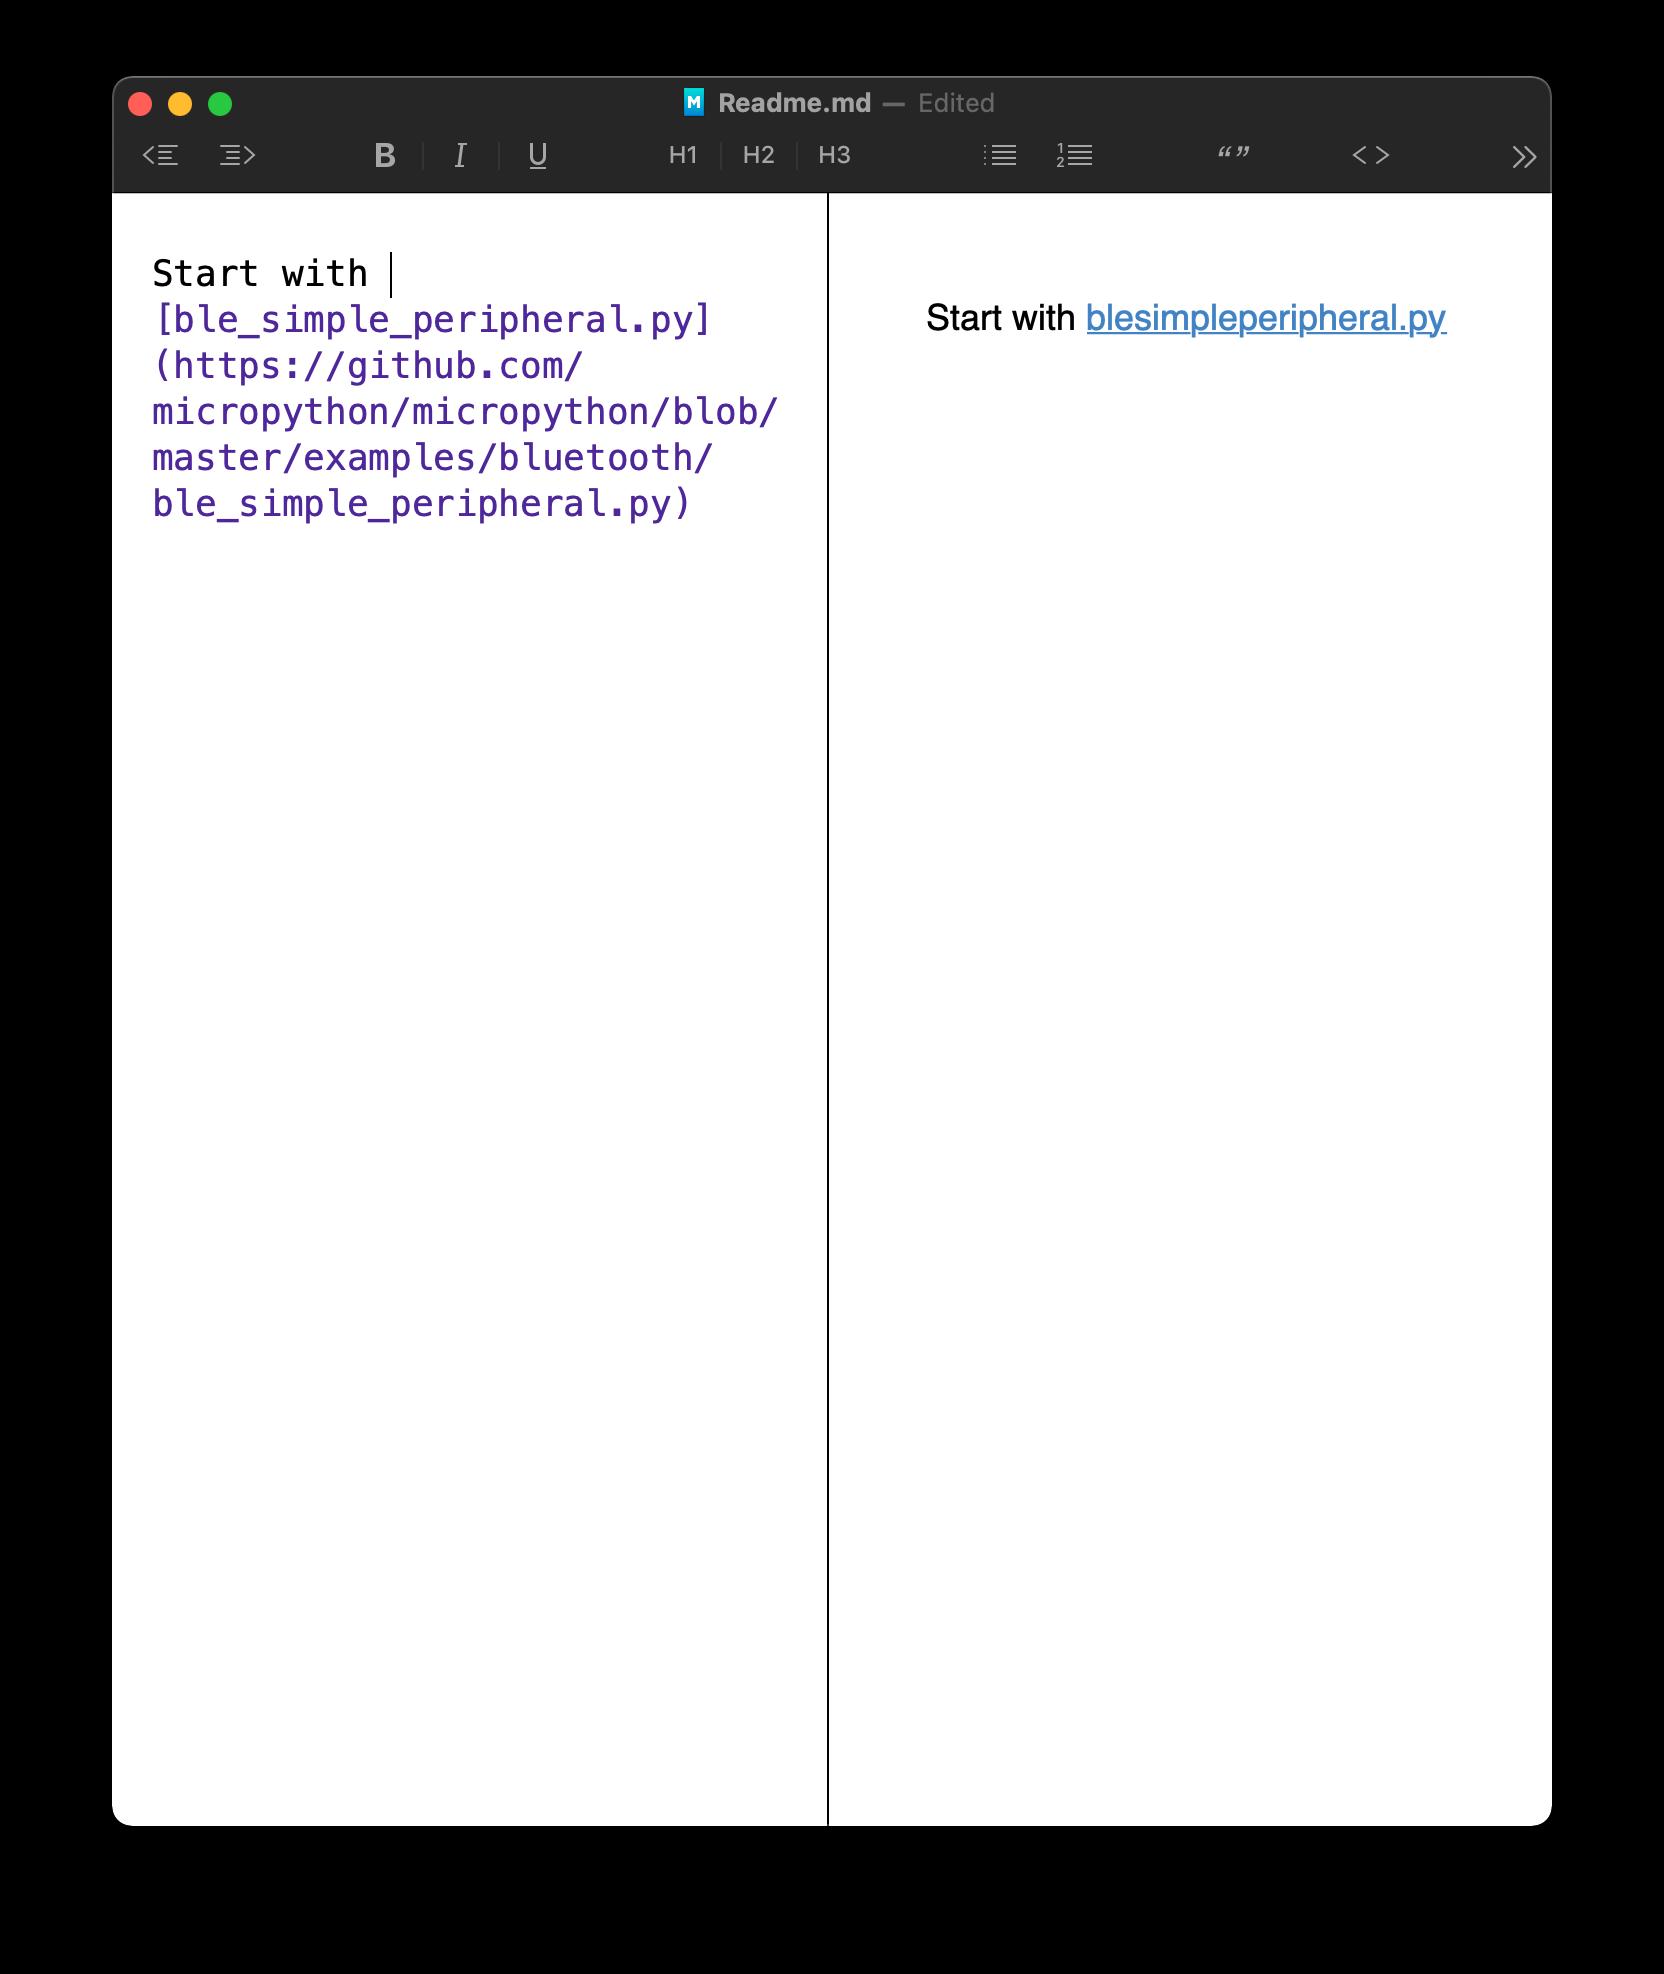 Screenshot 2021-09-03 at 11 21 27